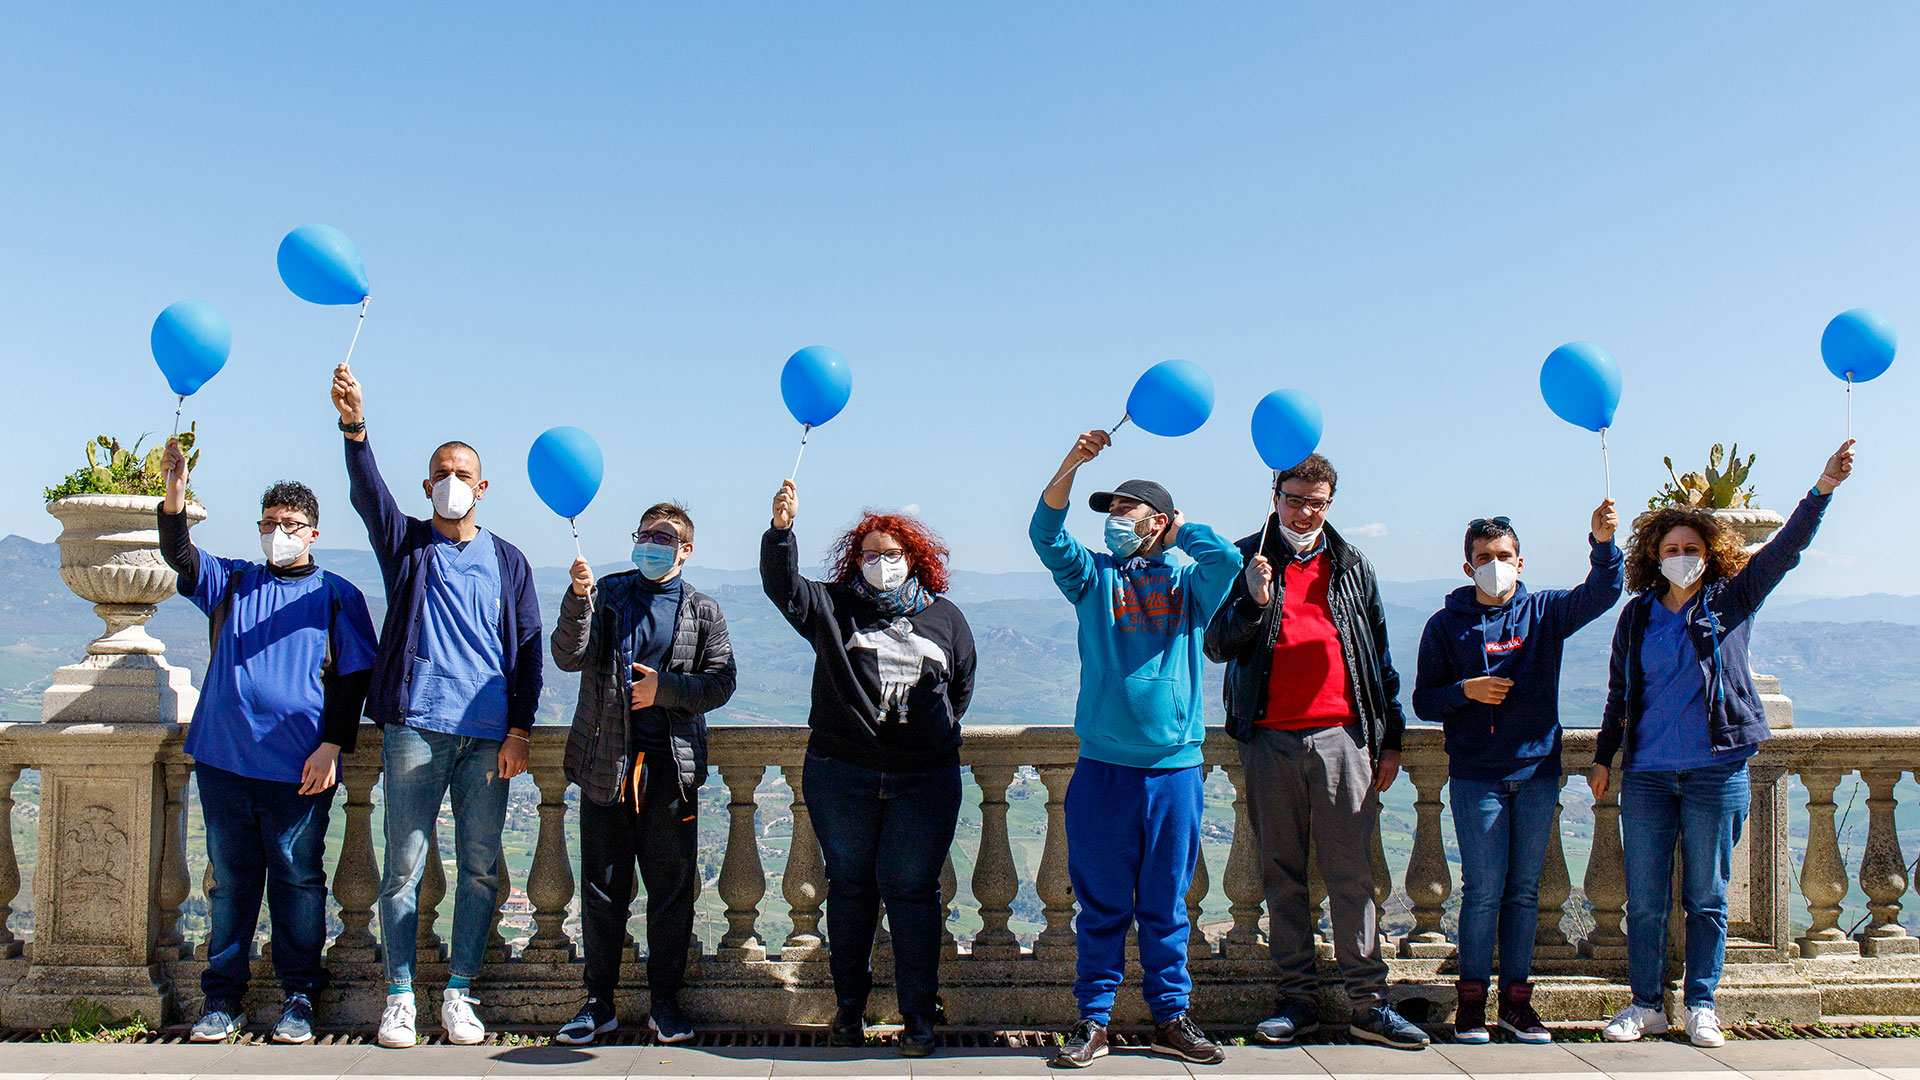 persone con palloncini blu davanti a balconata